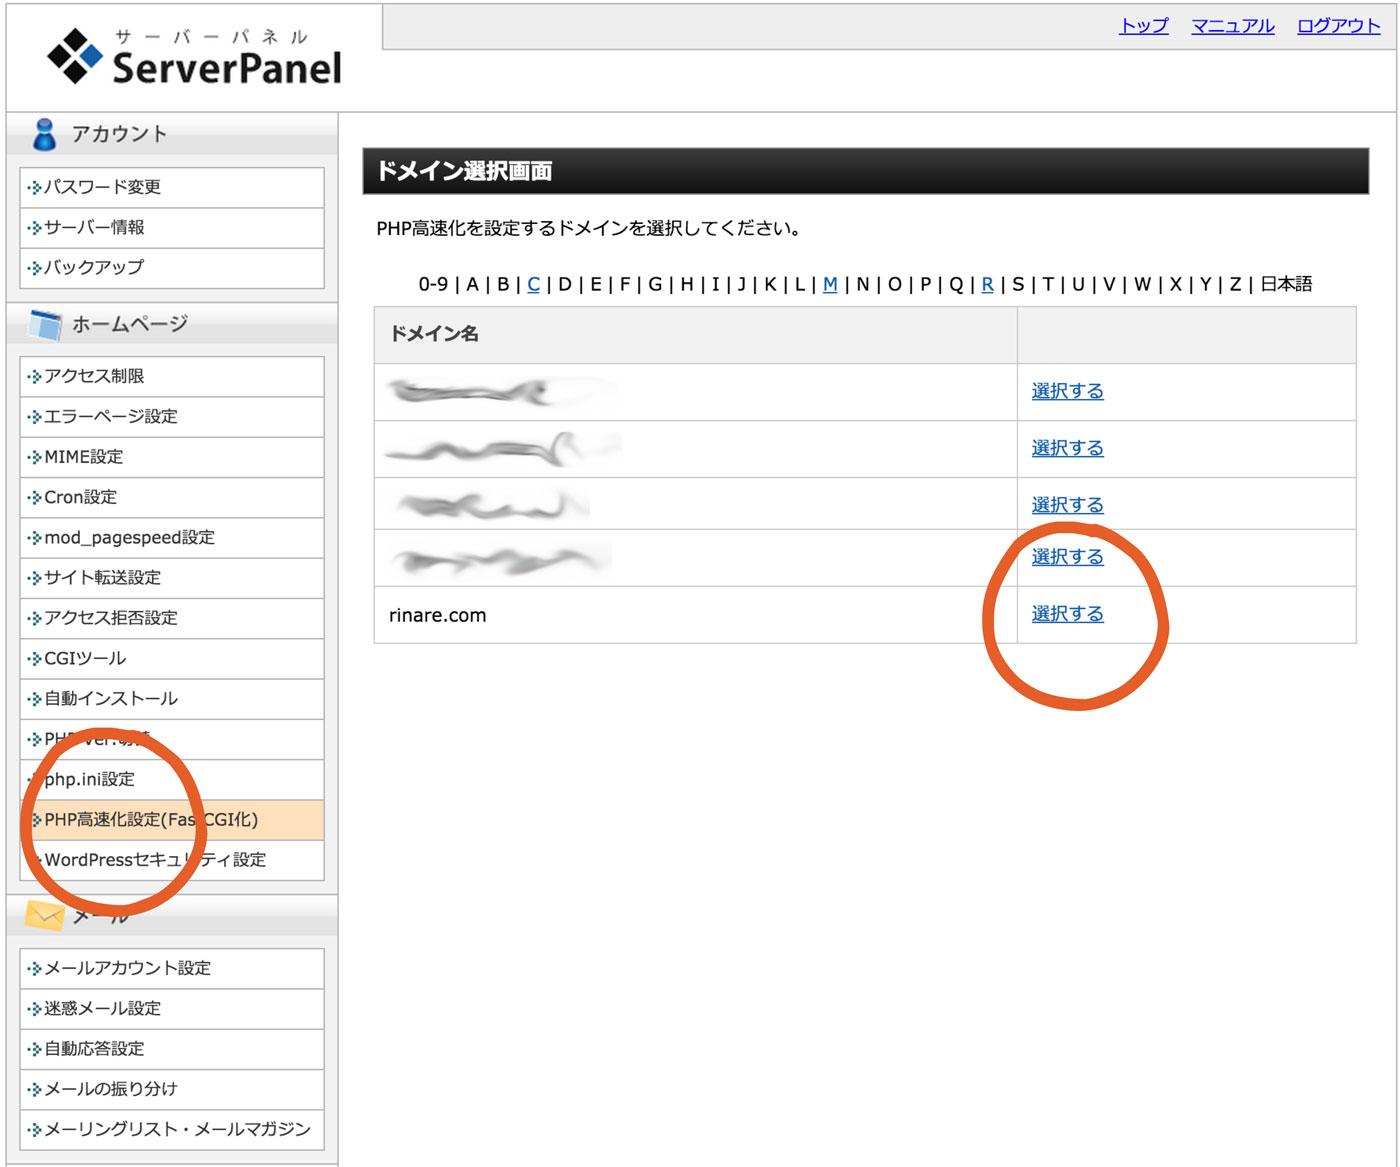 Xserverのサーバーパネルにログインします。メニューから「PHP高速化設定(FastCGI化)」を選び、問題が起きているサイトを選びます